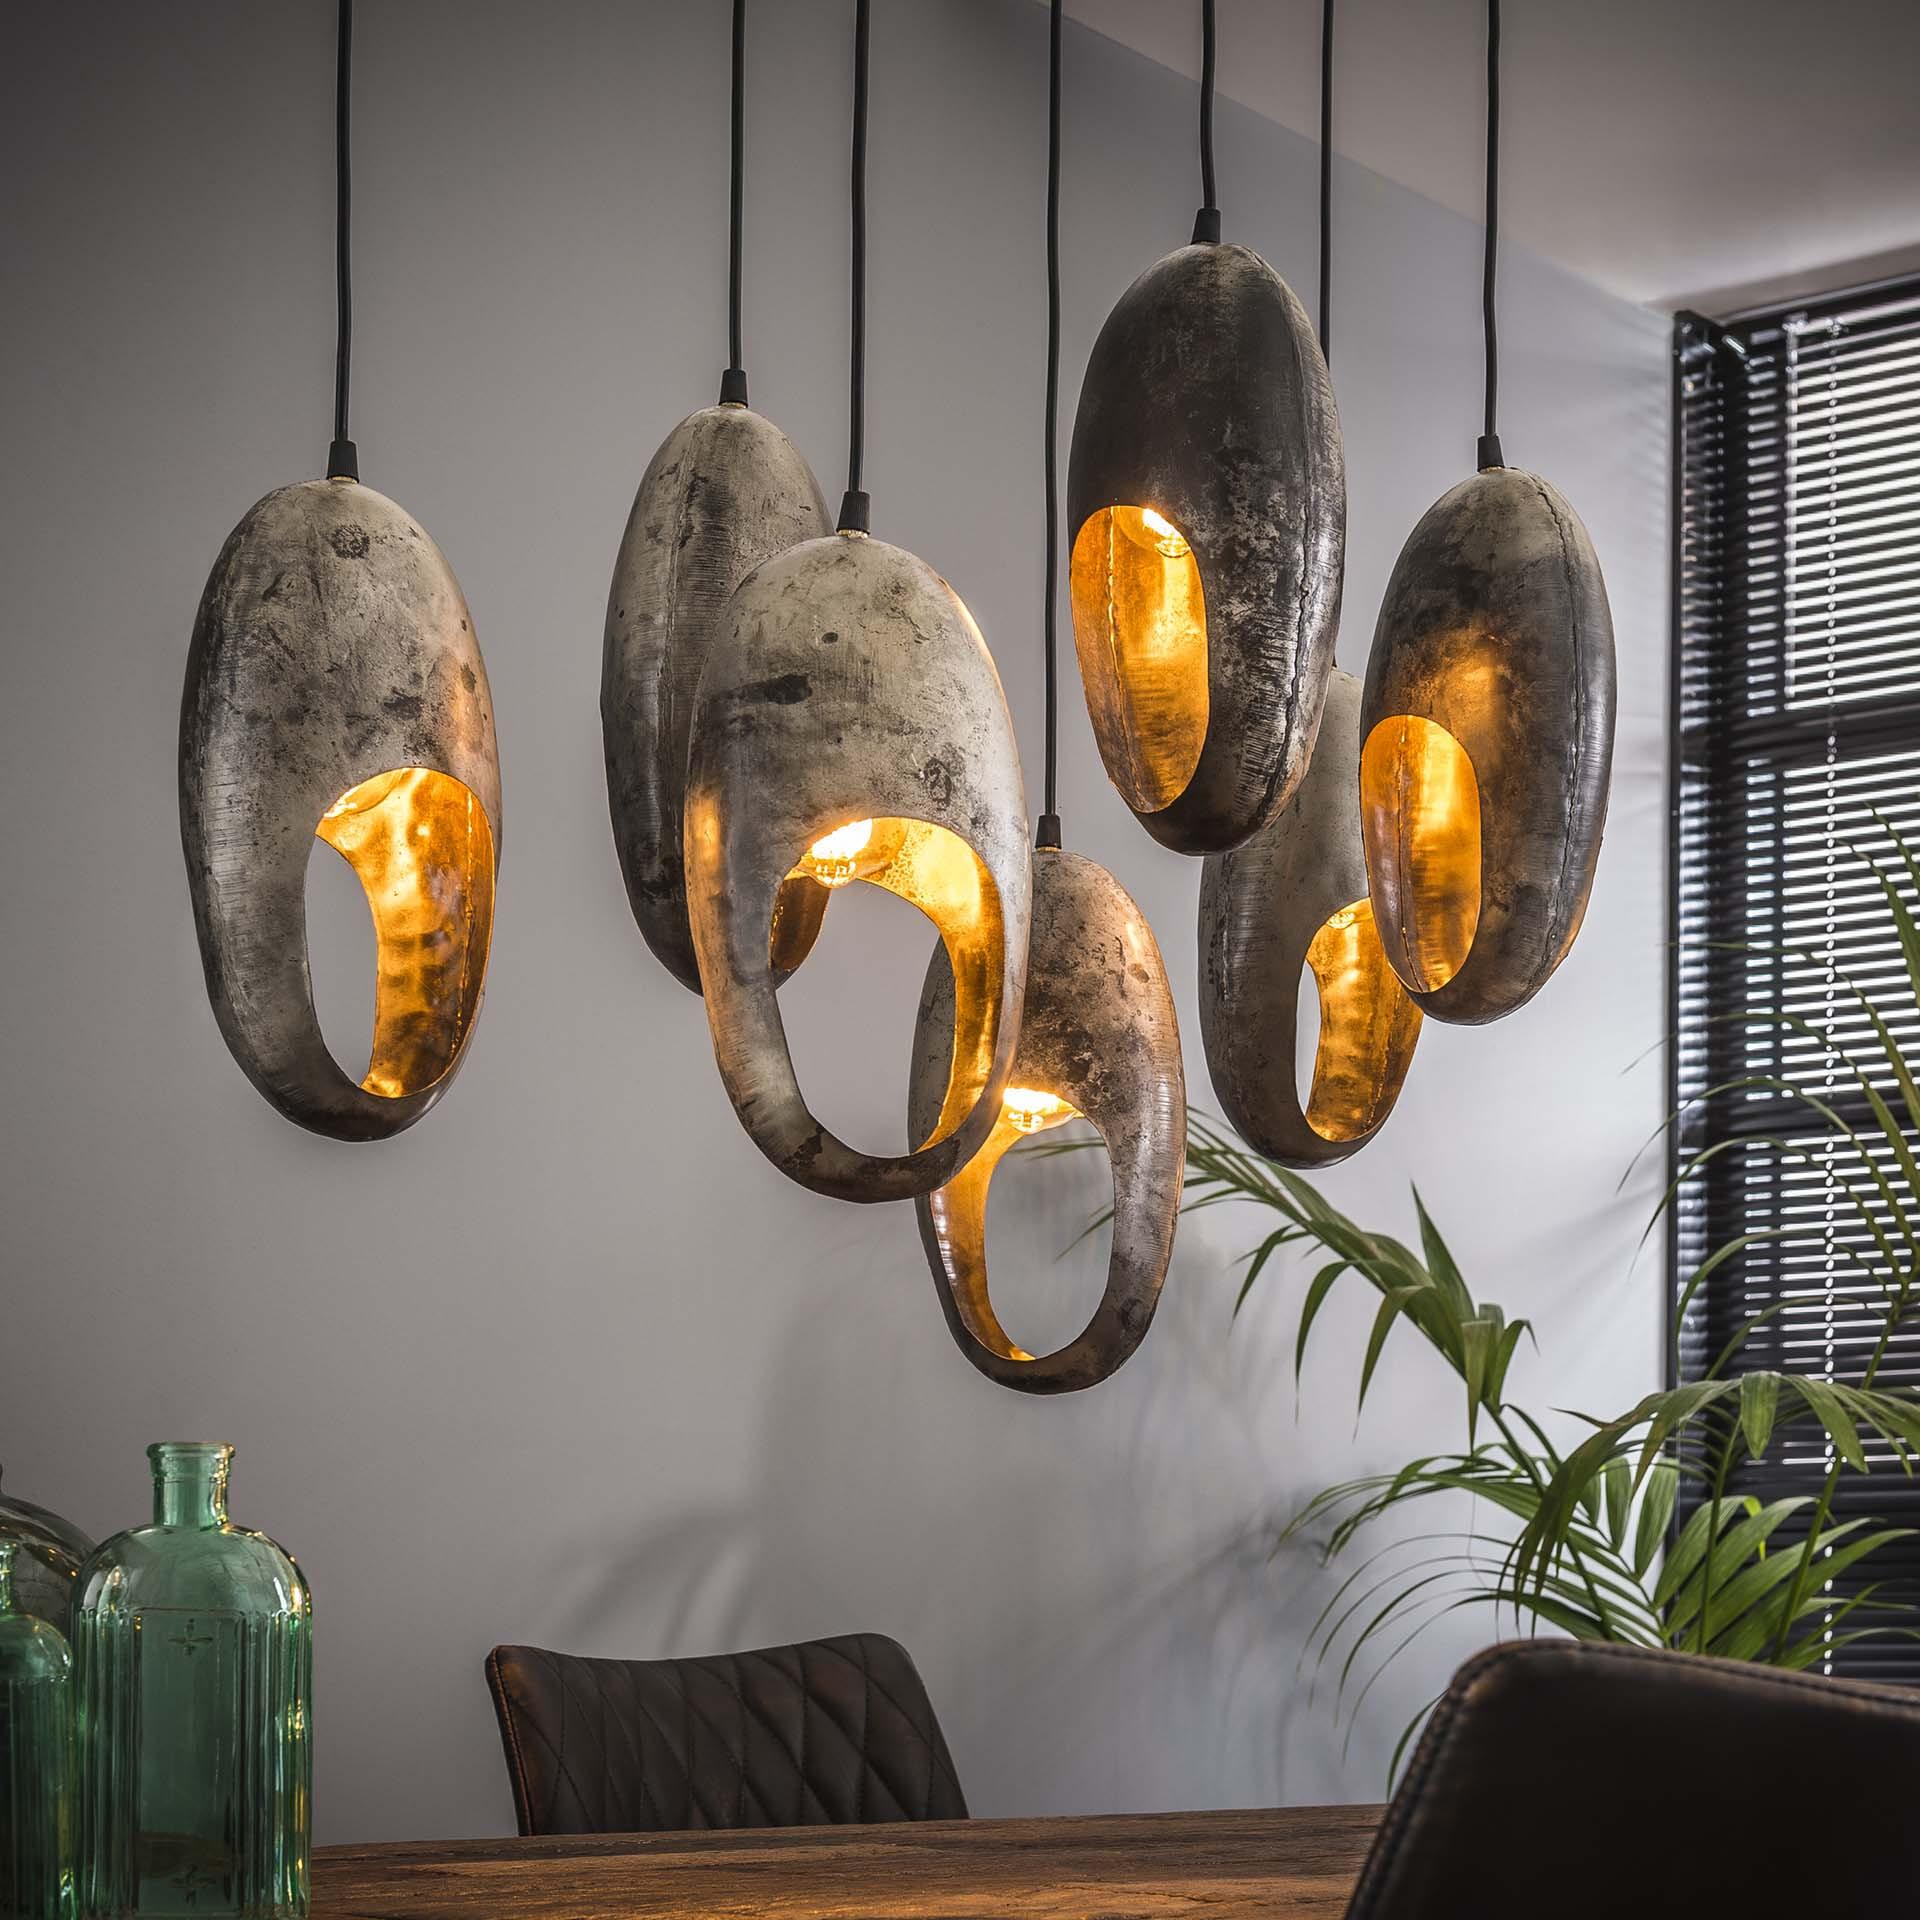 Hanglamp 'Julianna', Metaal, 7-lamps, 90cm, kleur Oud Zilver